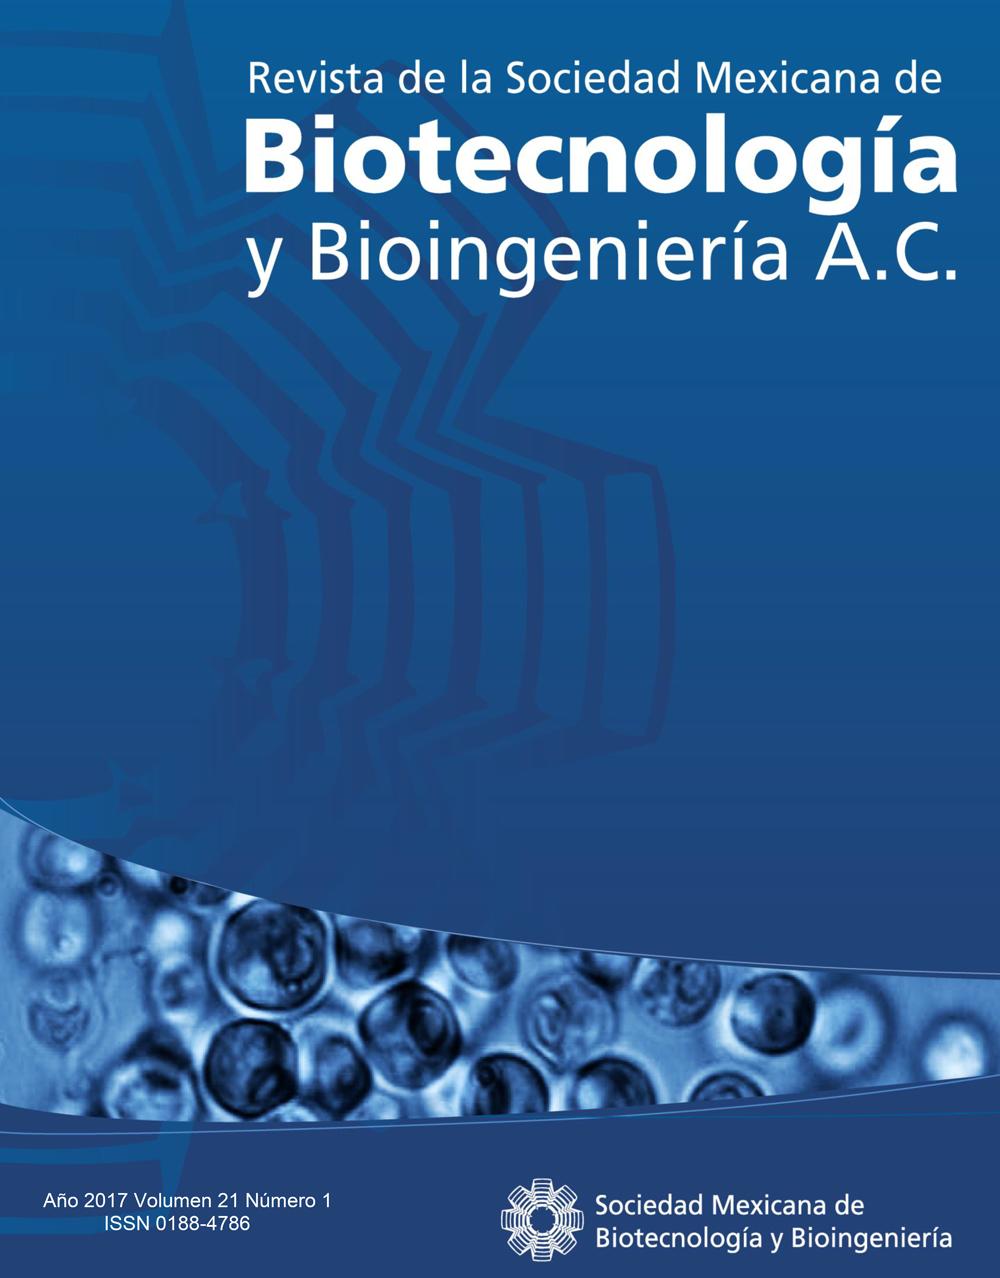 REVISTA BIOTECNOLOGÍA 2017 Vol. 21 Nº1